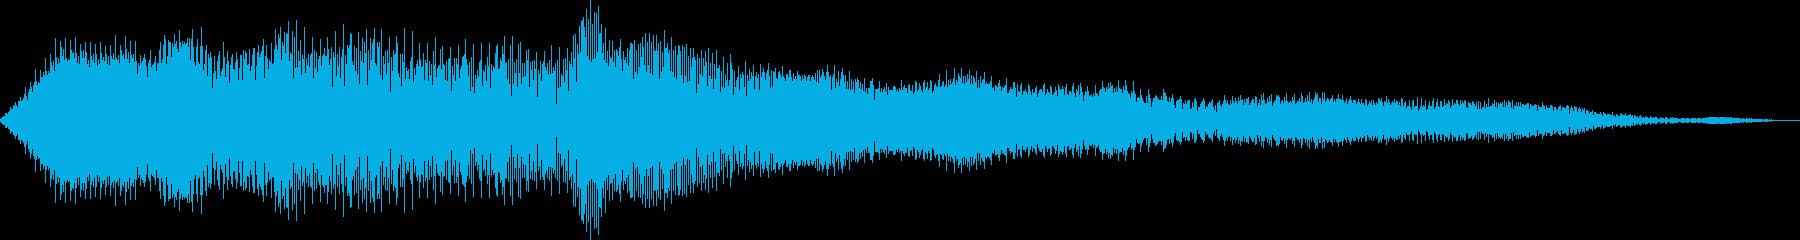 トラクター逆転の再生済みの波形